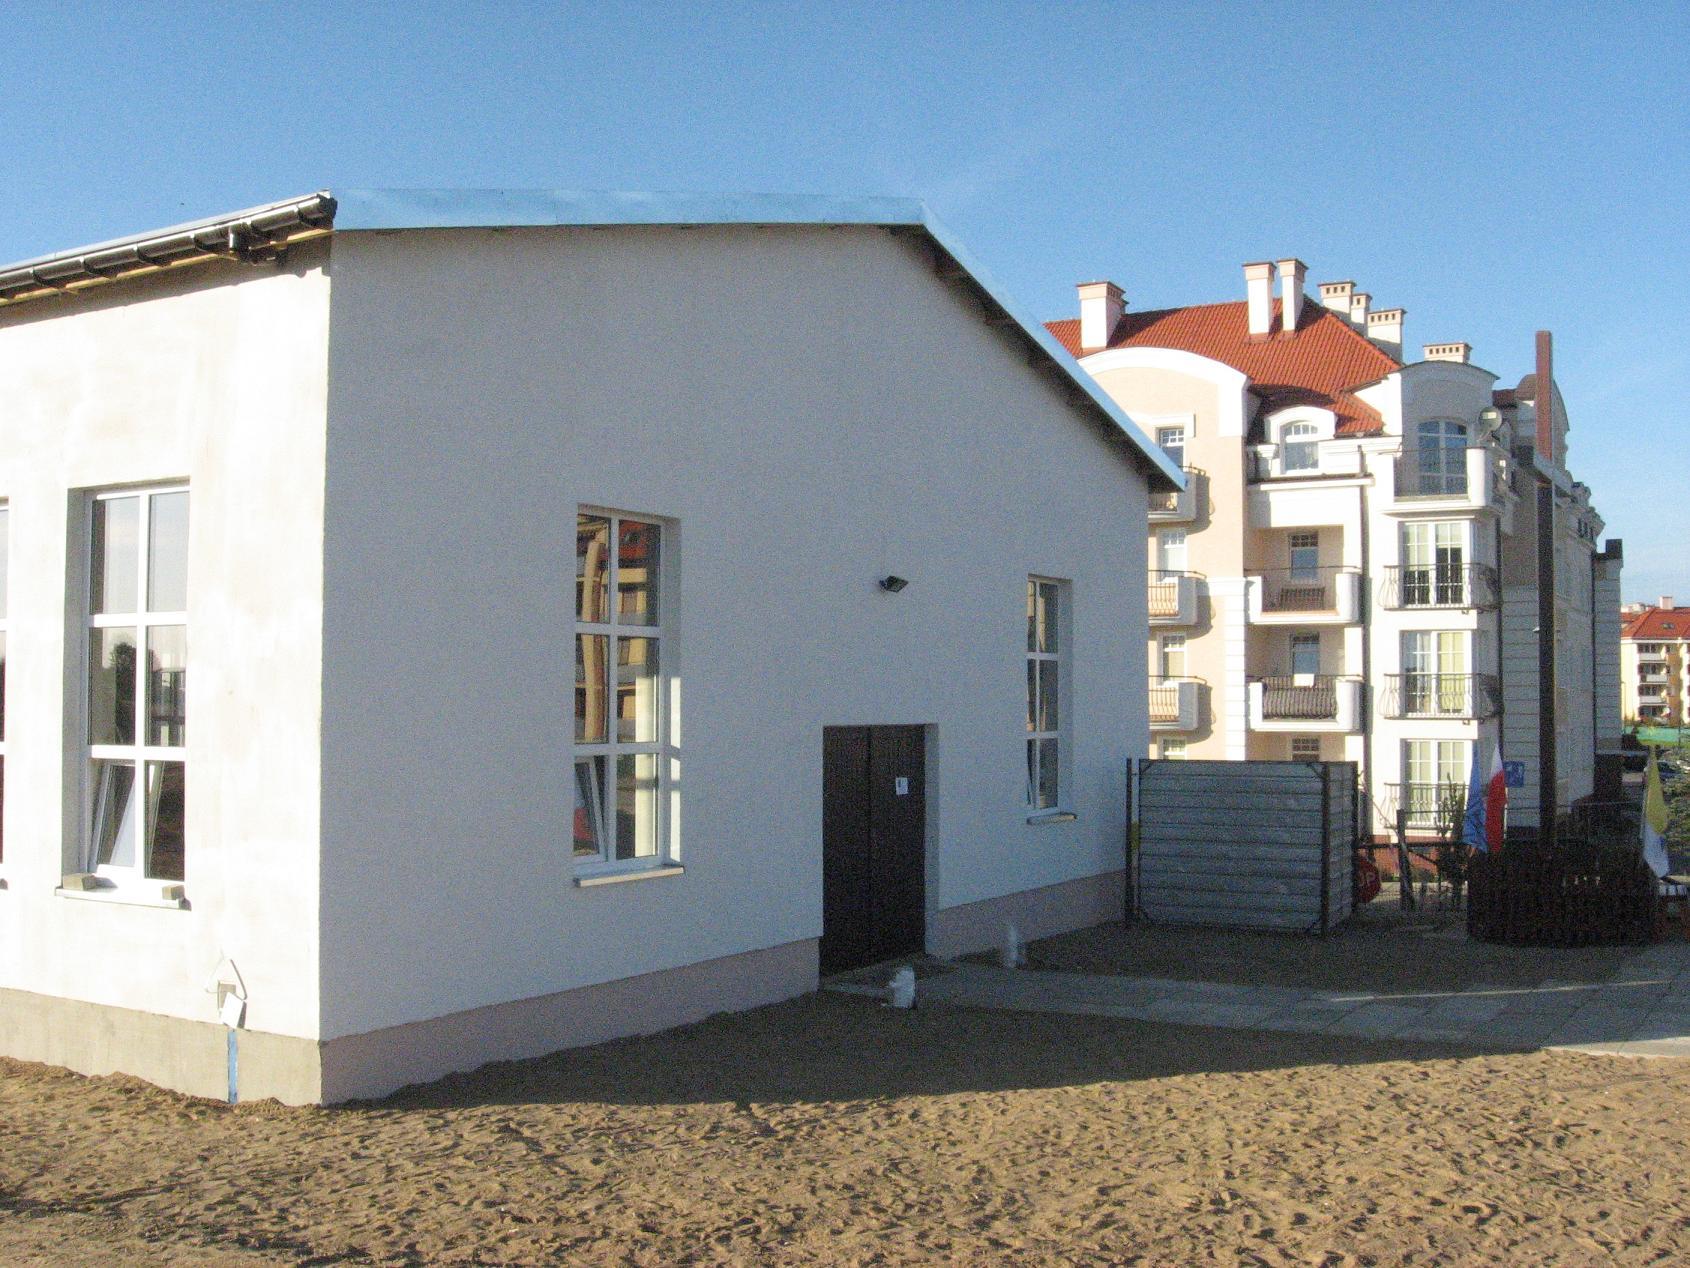 Historia naszej kaplicy w obrazach – zdjęcia z placu budowy i wnętrza kaplicy 2011/2012